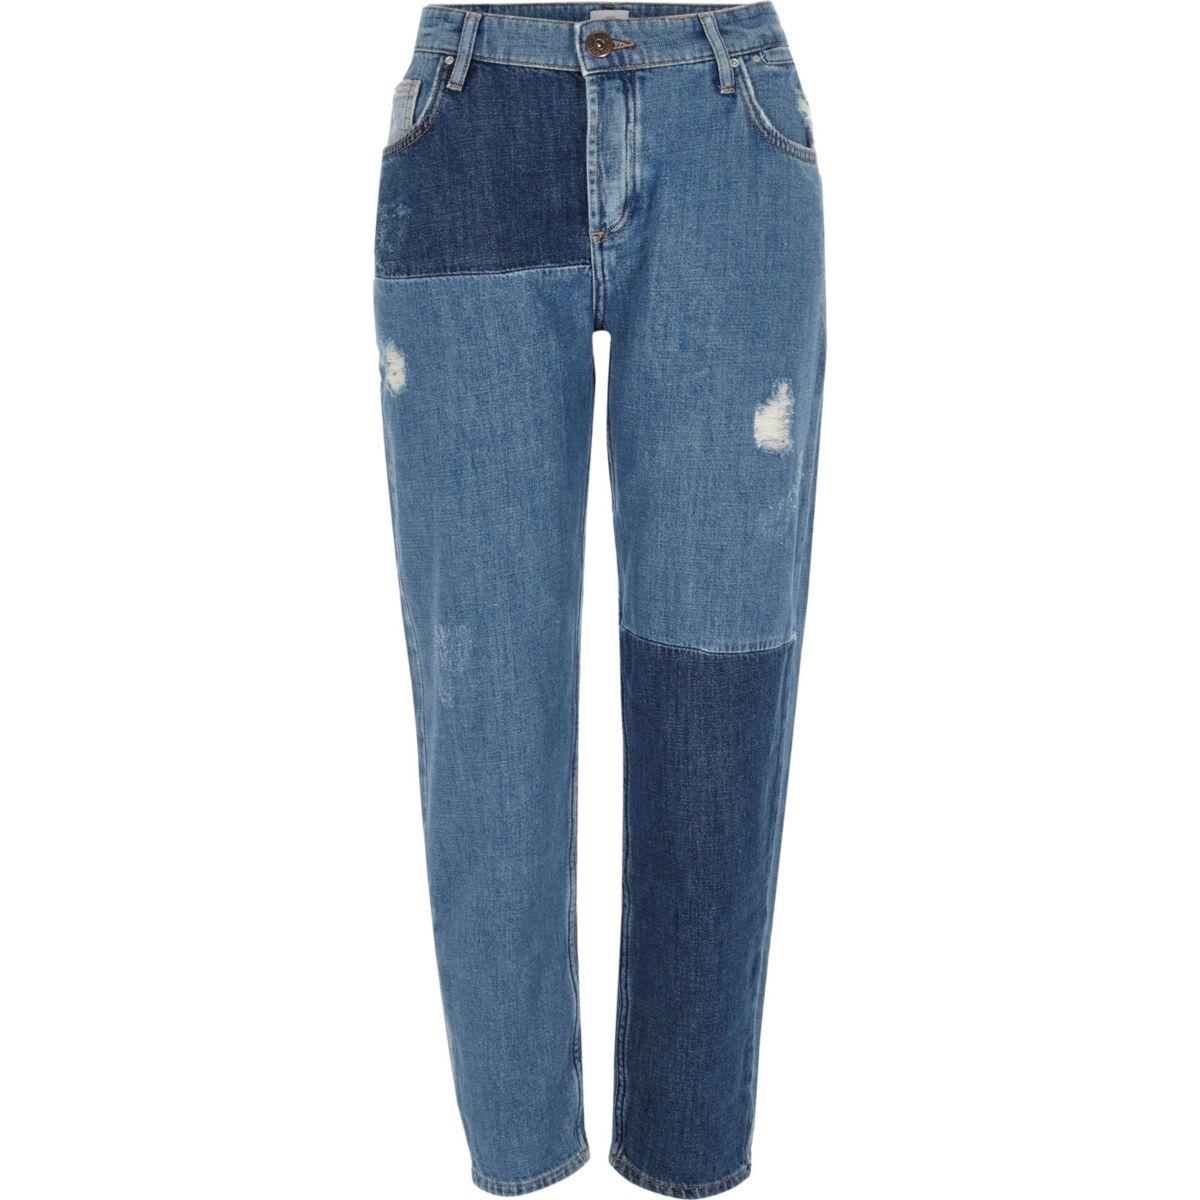 Mid blue reworked patchwork boyfriend jeans